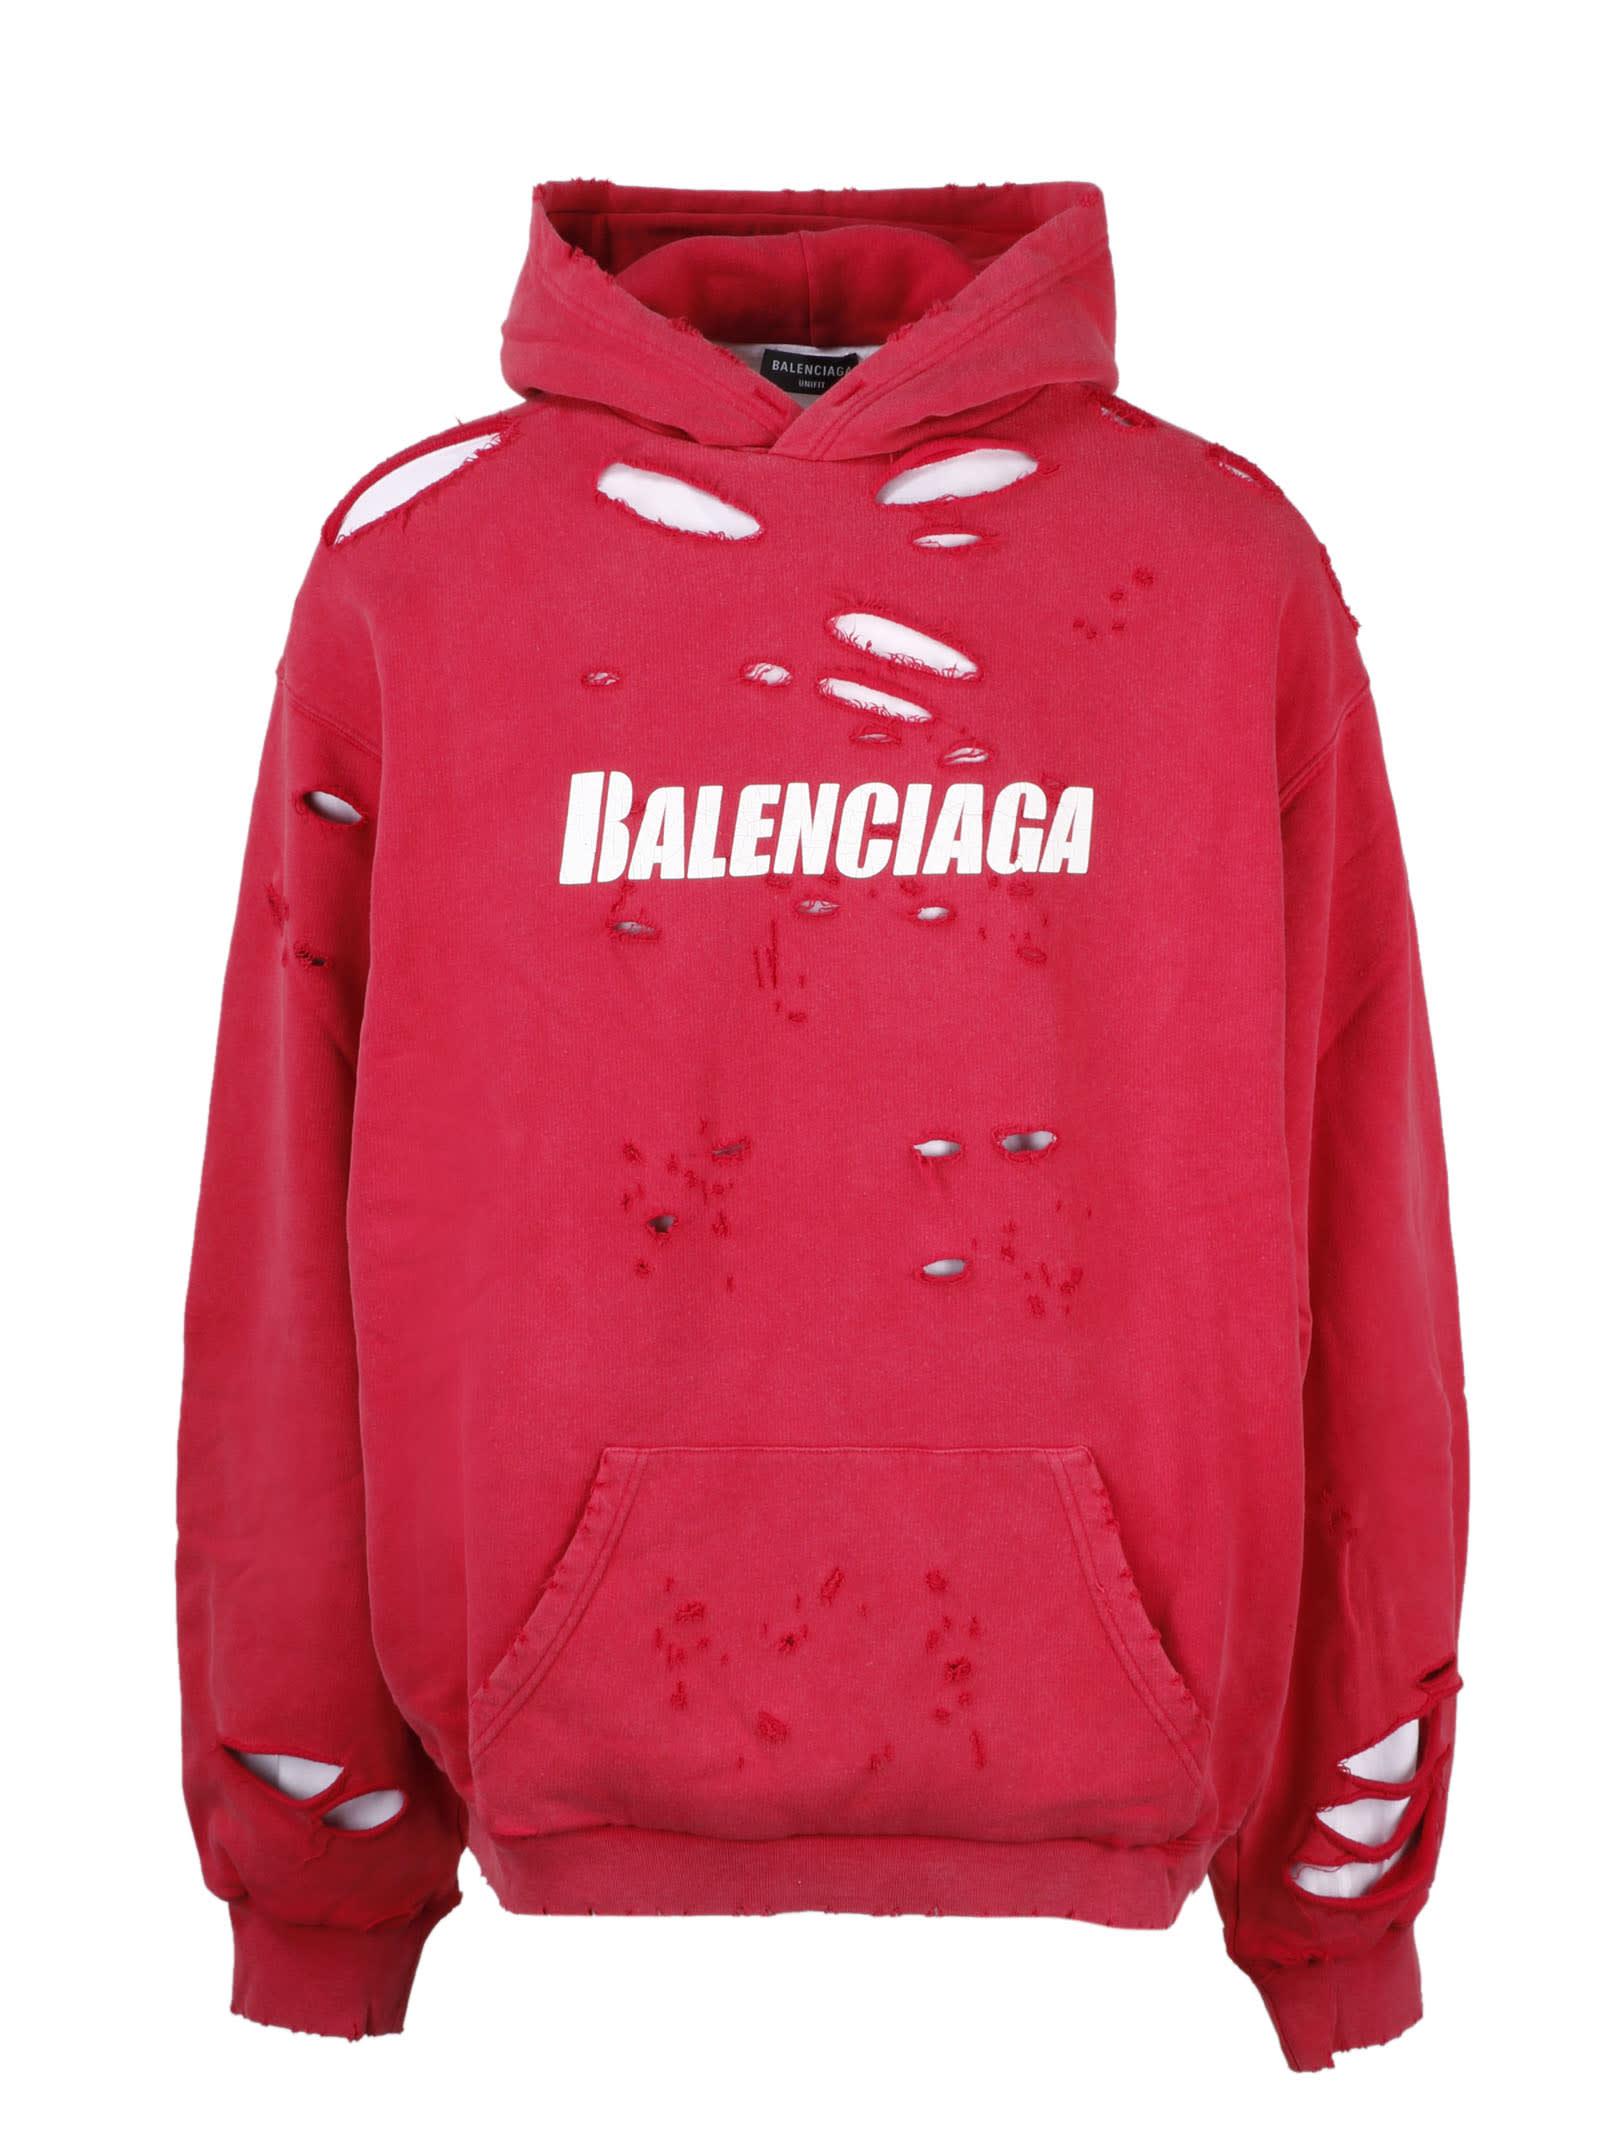 Balenciaga Hoodies CAPS DESTROYED HOODIE